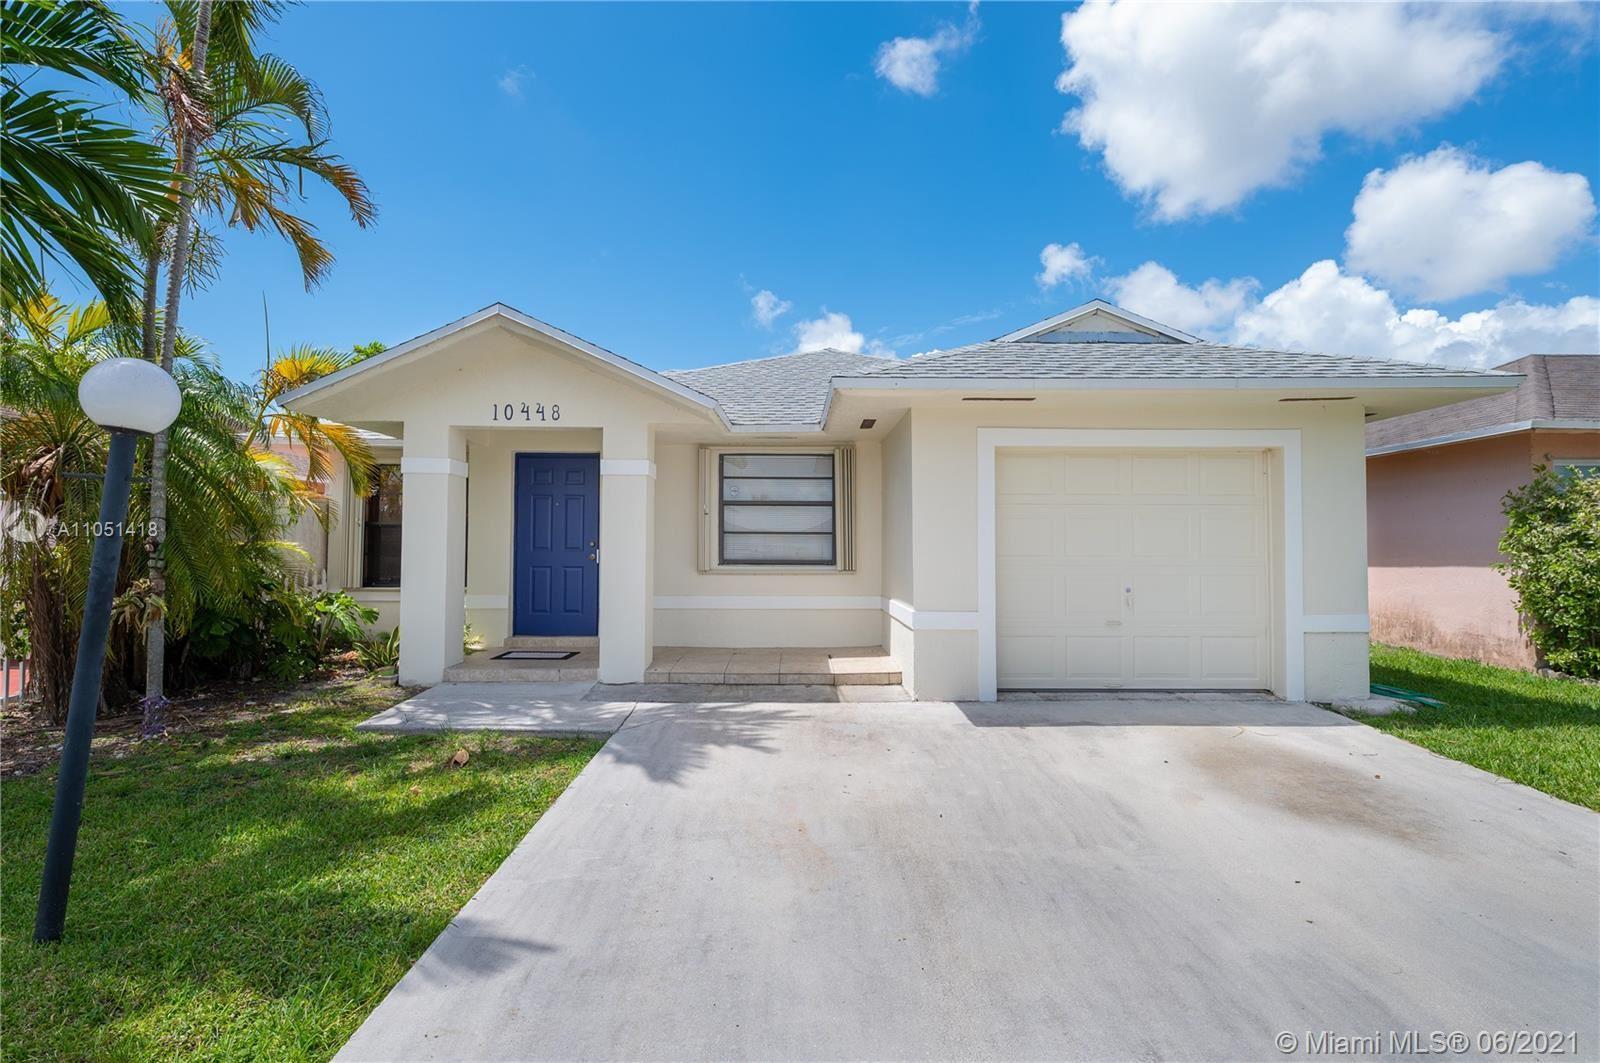 10448 SW 211th St, Cutler Bay, FL 33189 - #: A11051418